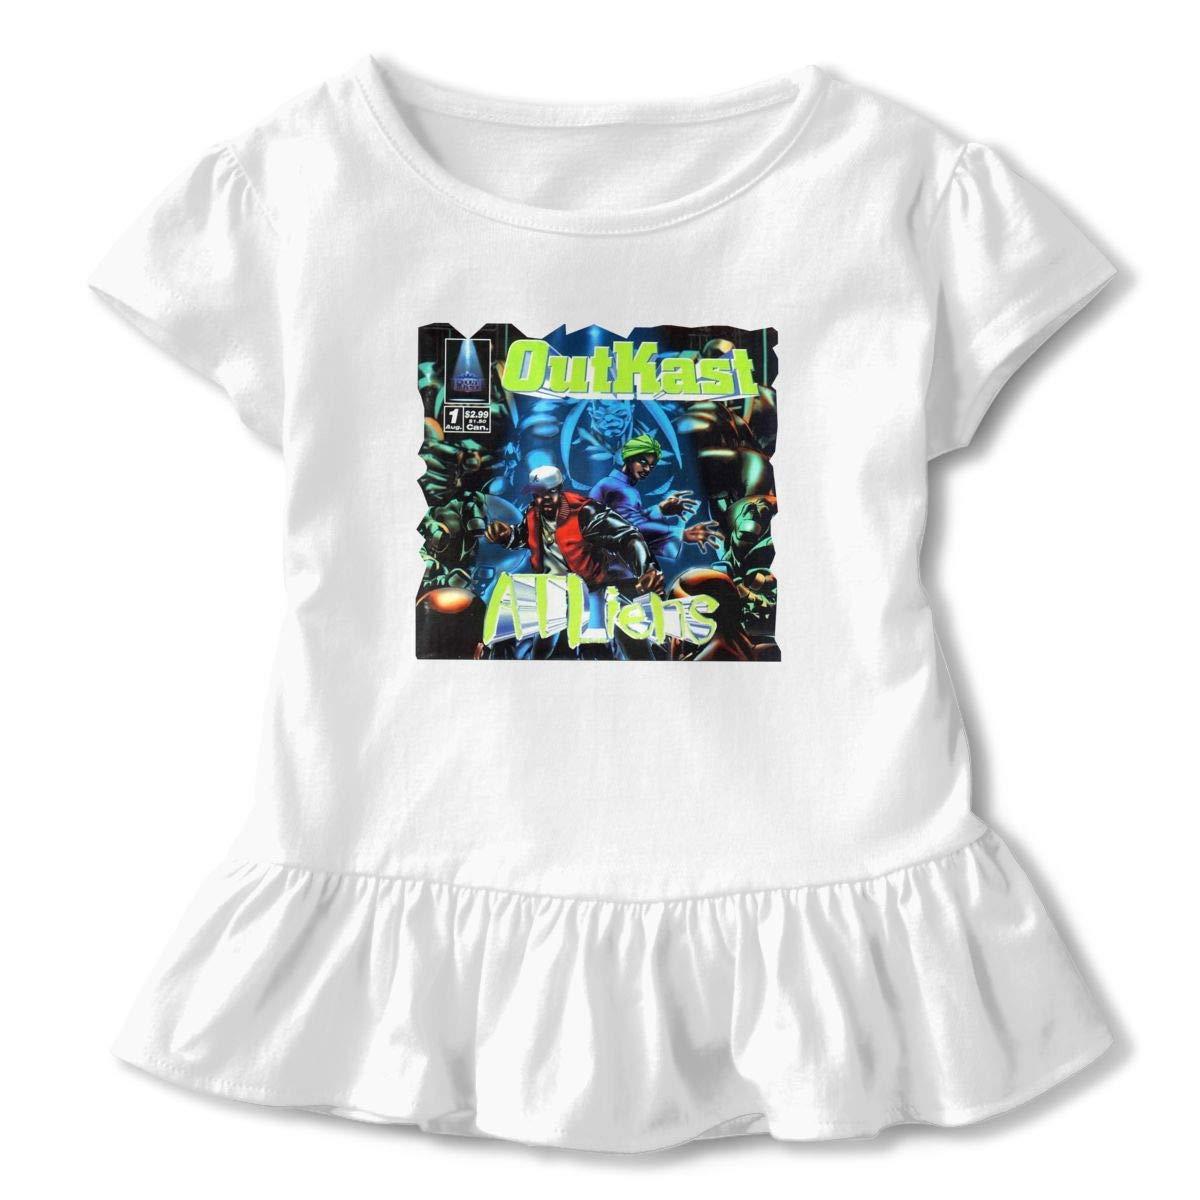 Kid T Shirt Outkast ATLiens 3D Tee Baseball Ruffle Short Sleeve Cotton Shirts Top for Girls Kids